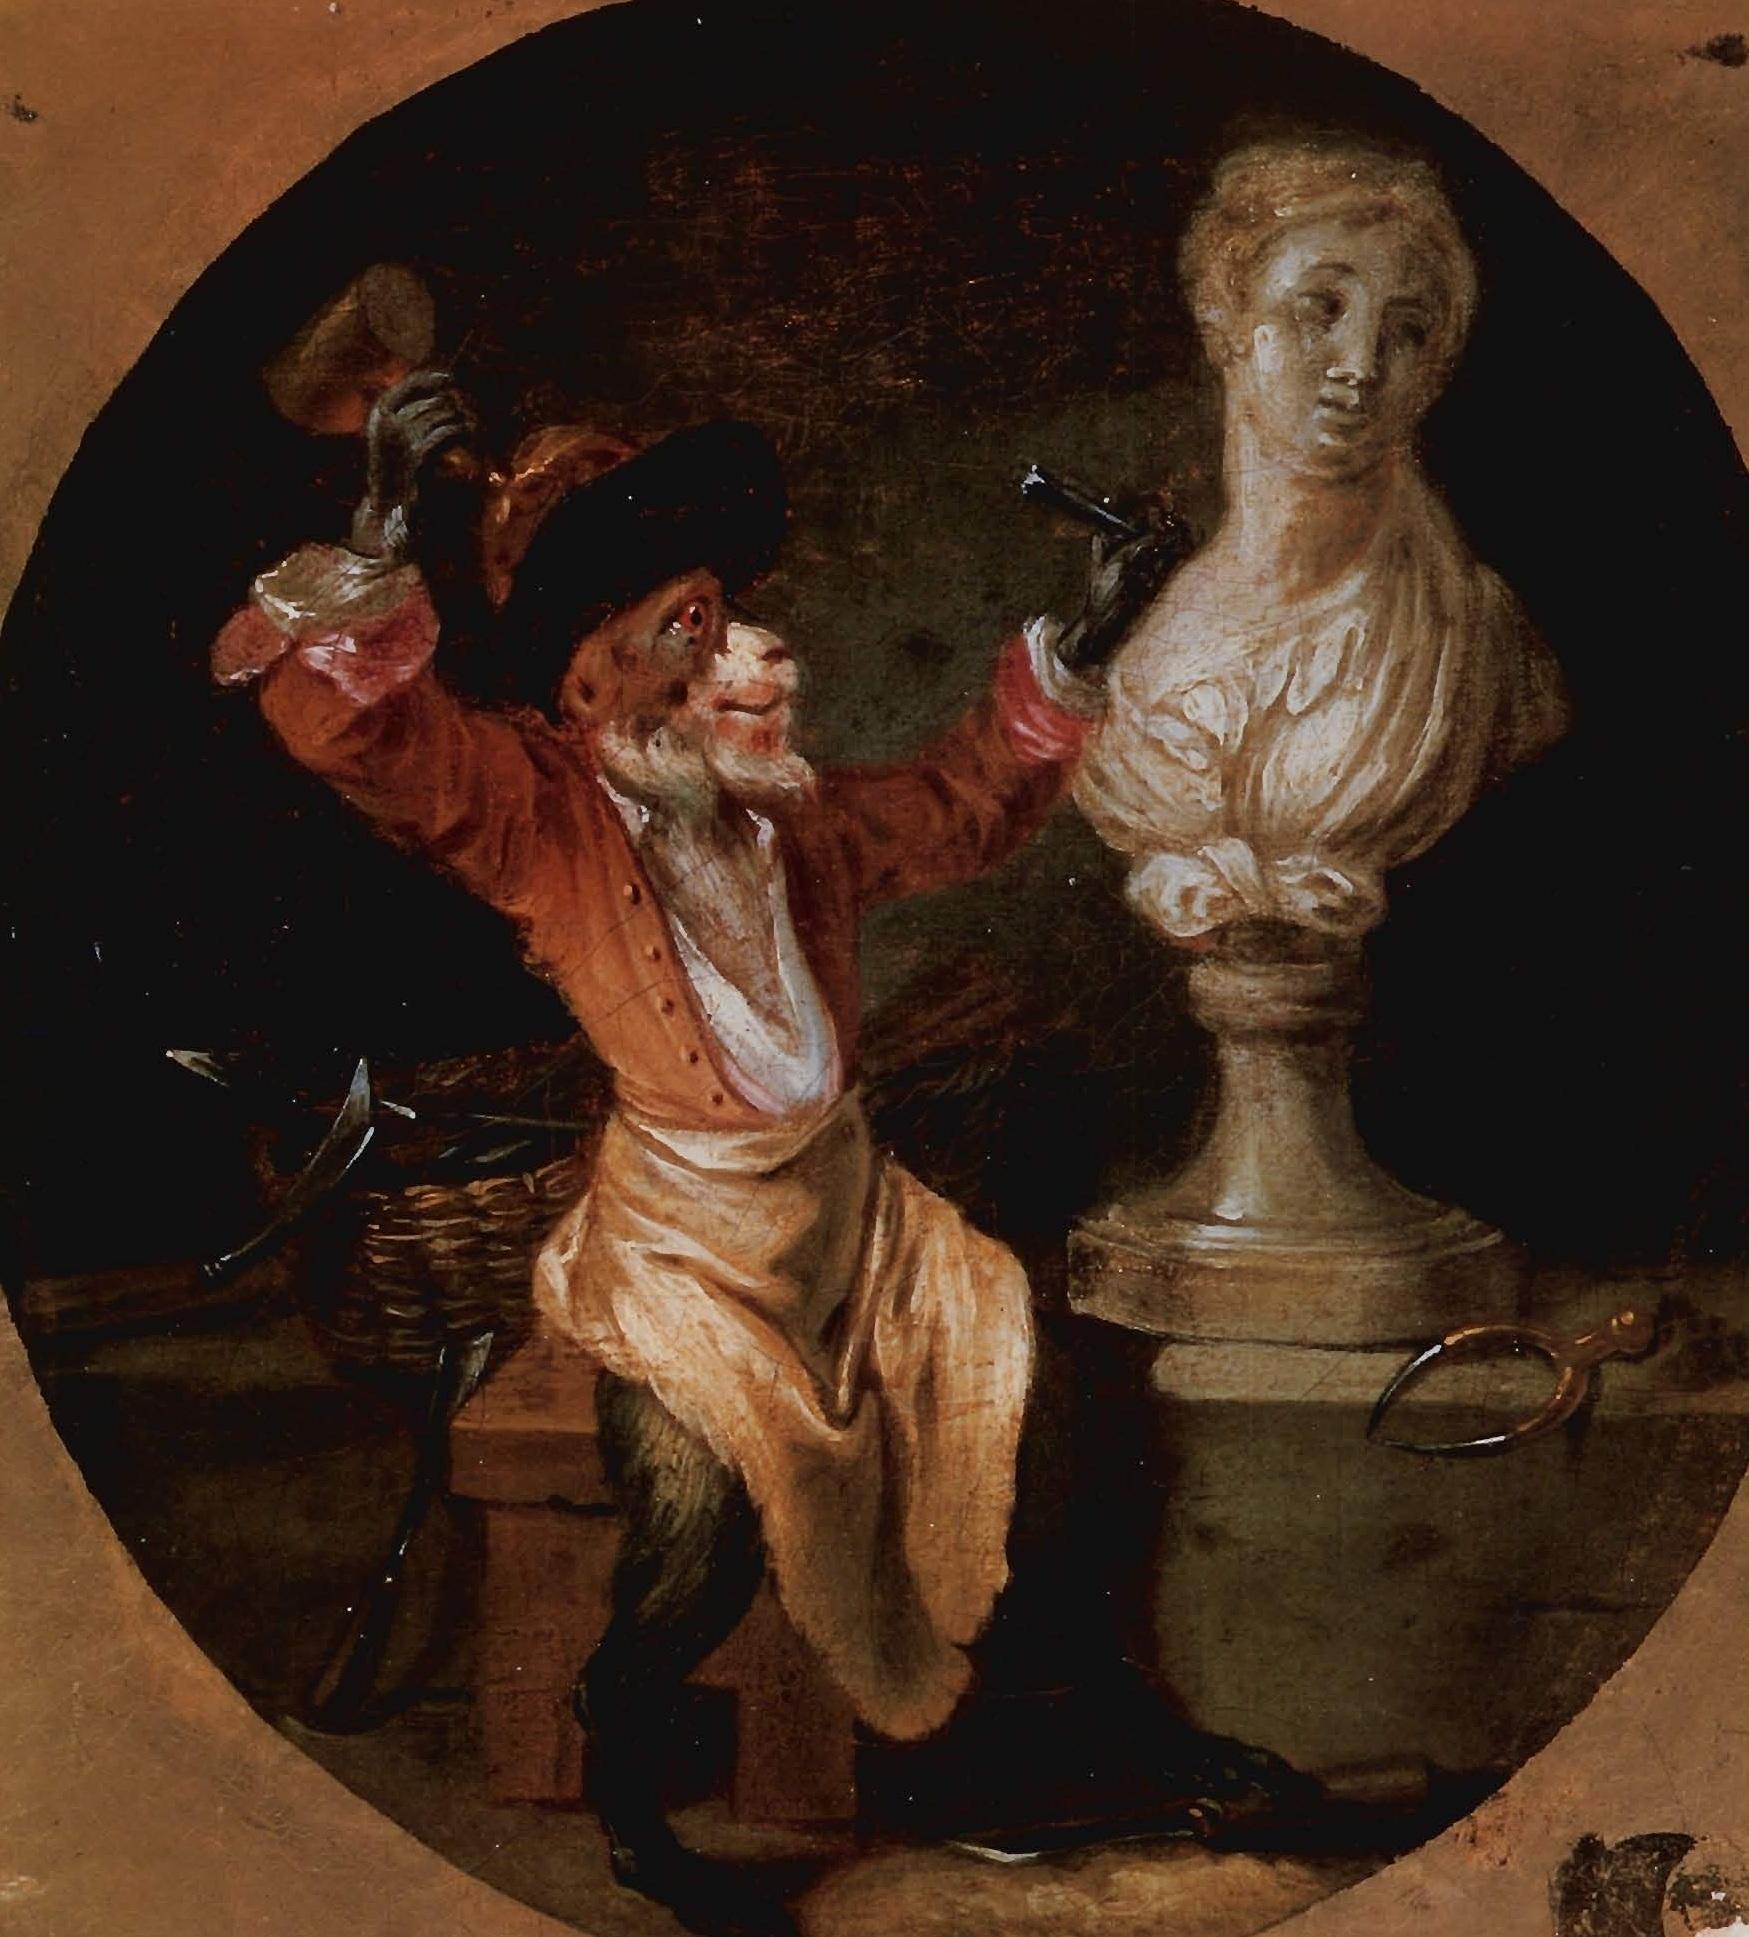 Watteau, Le Singe sculpteur, vers 1710, Orleeans, Musee des Beaux-Arts